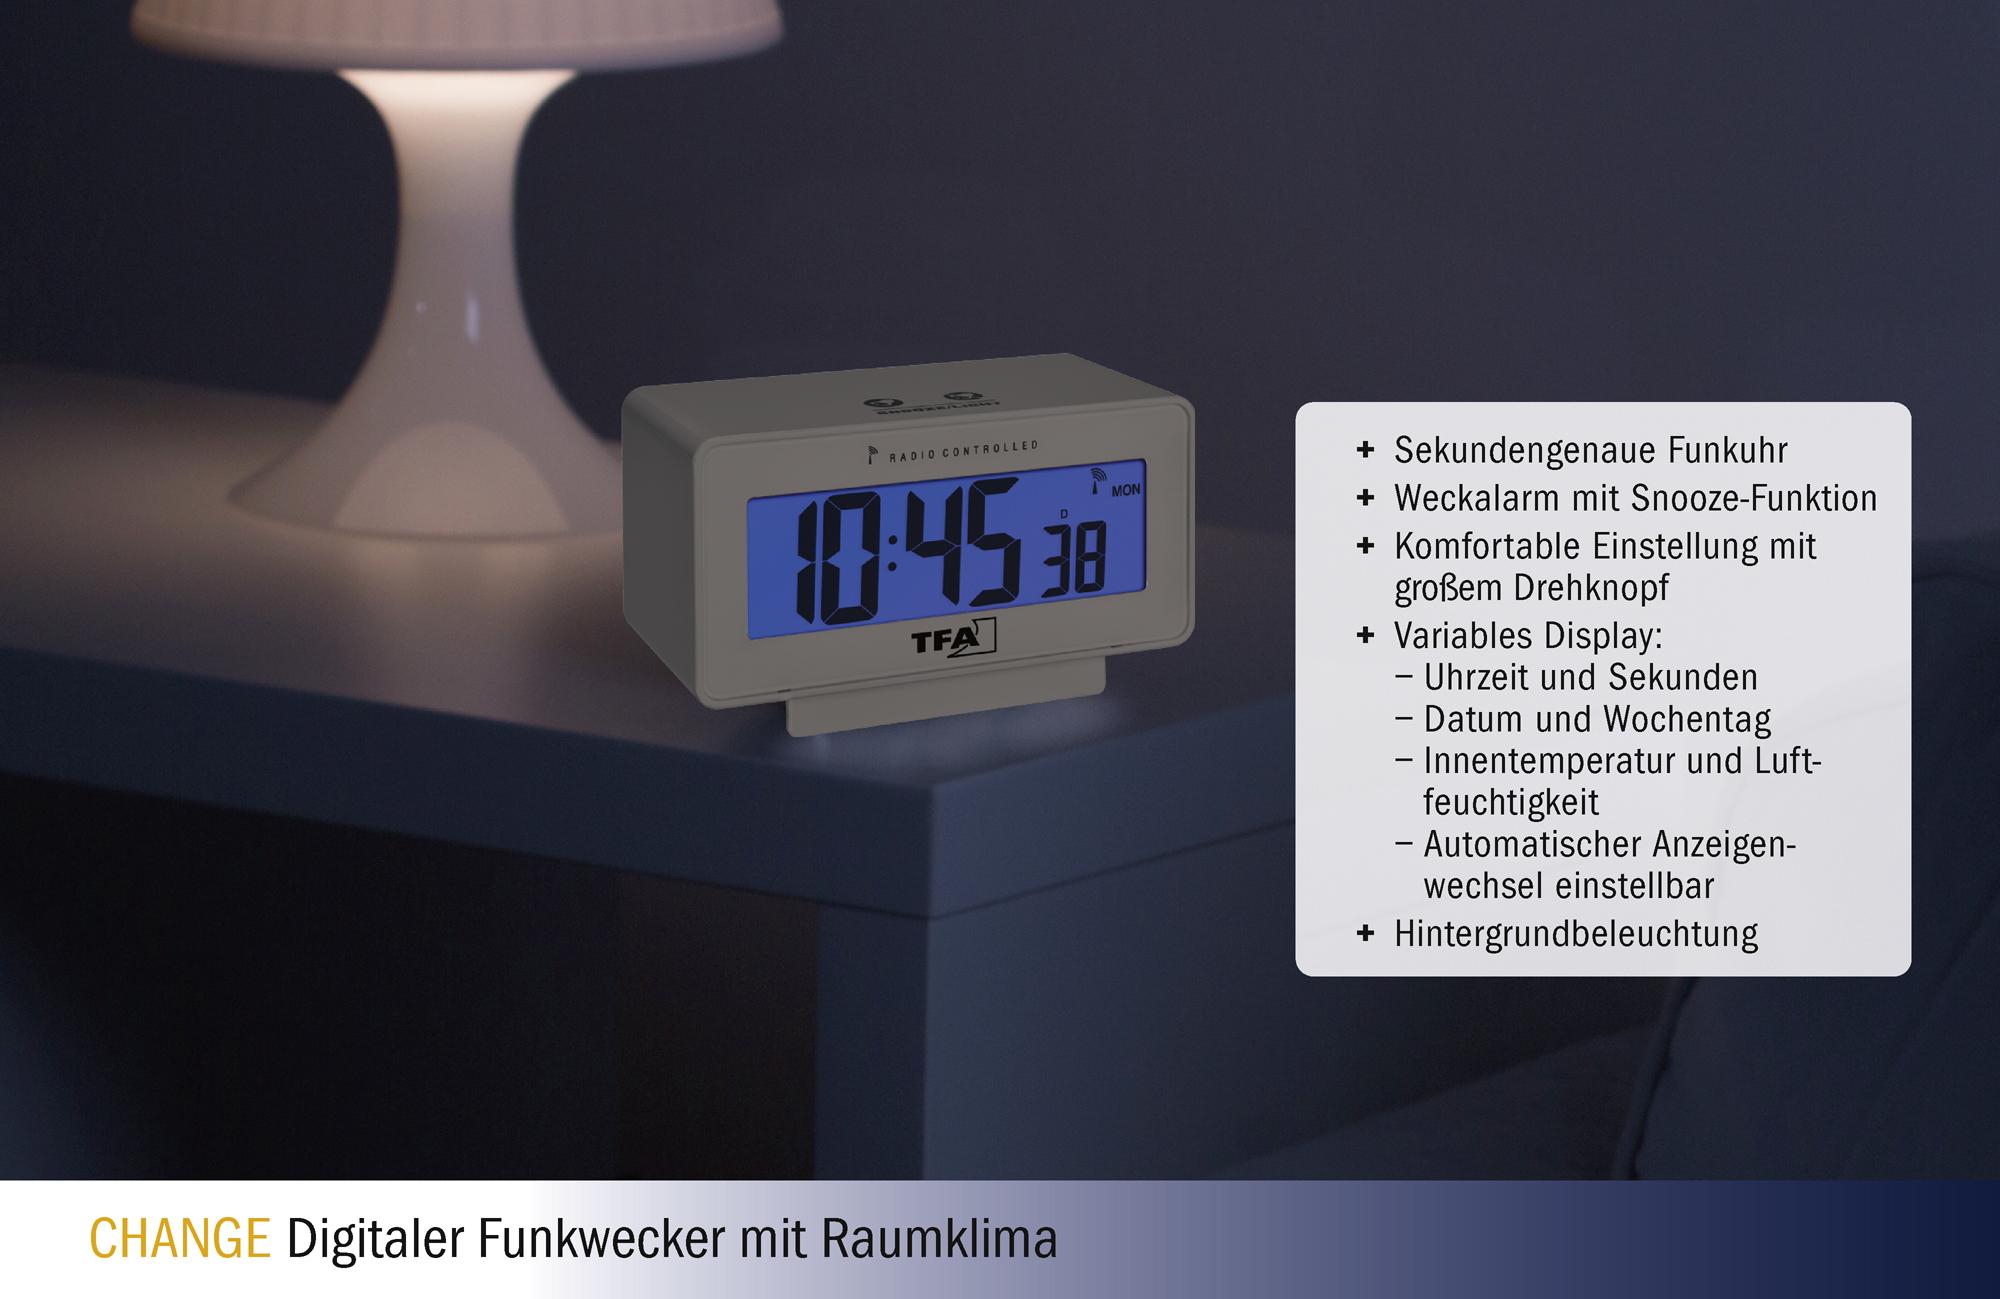 change_digitaler funk-wecker_602544_Vorteile.jpg